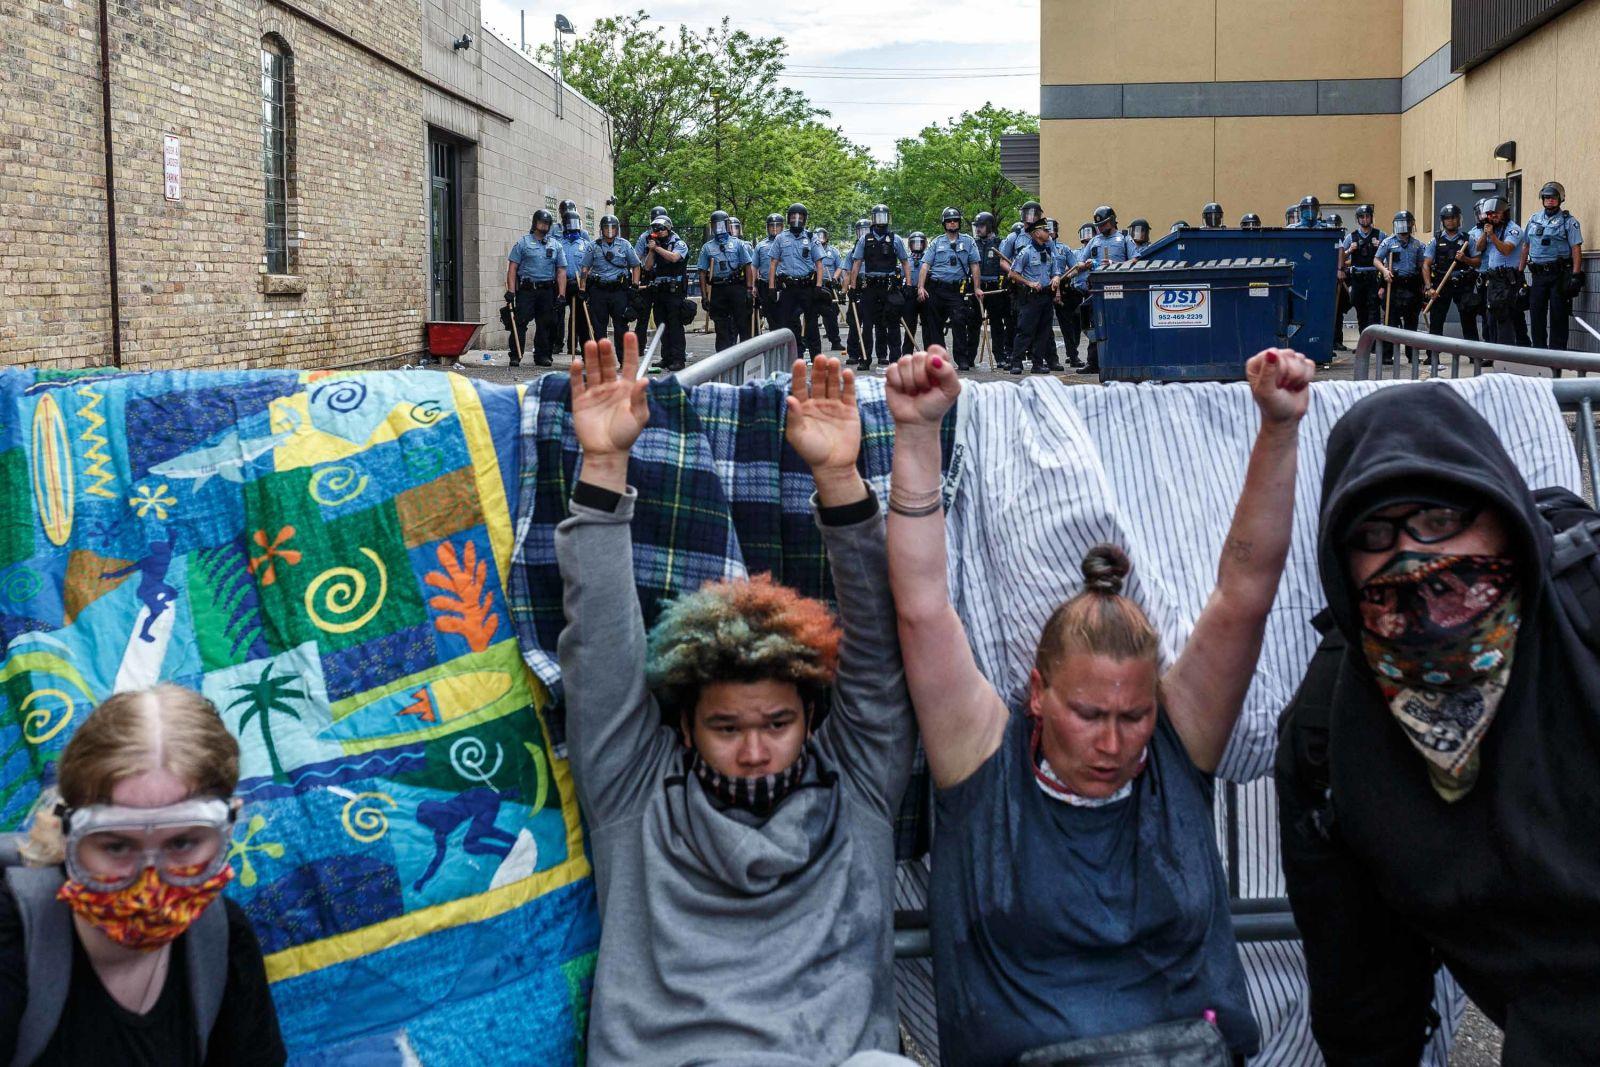 27日在明尼阿波利斯,面对警察,抗议者举起双手。(法新社)